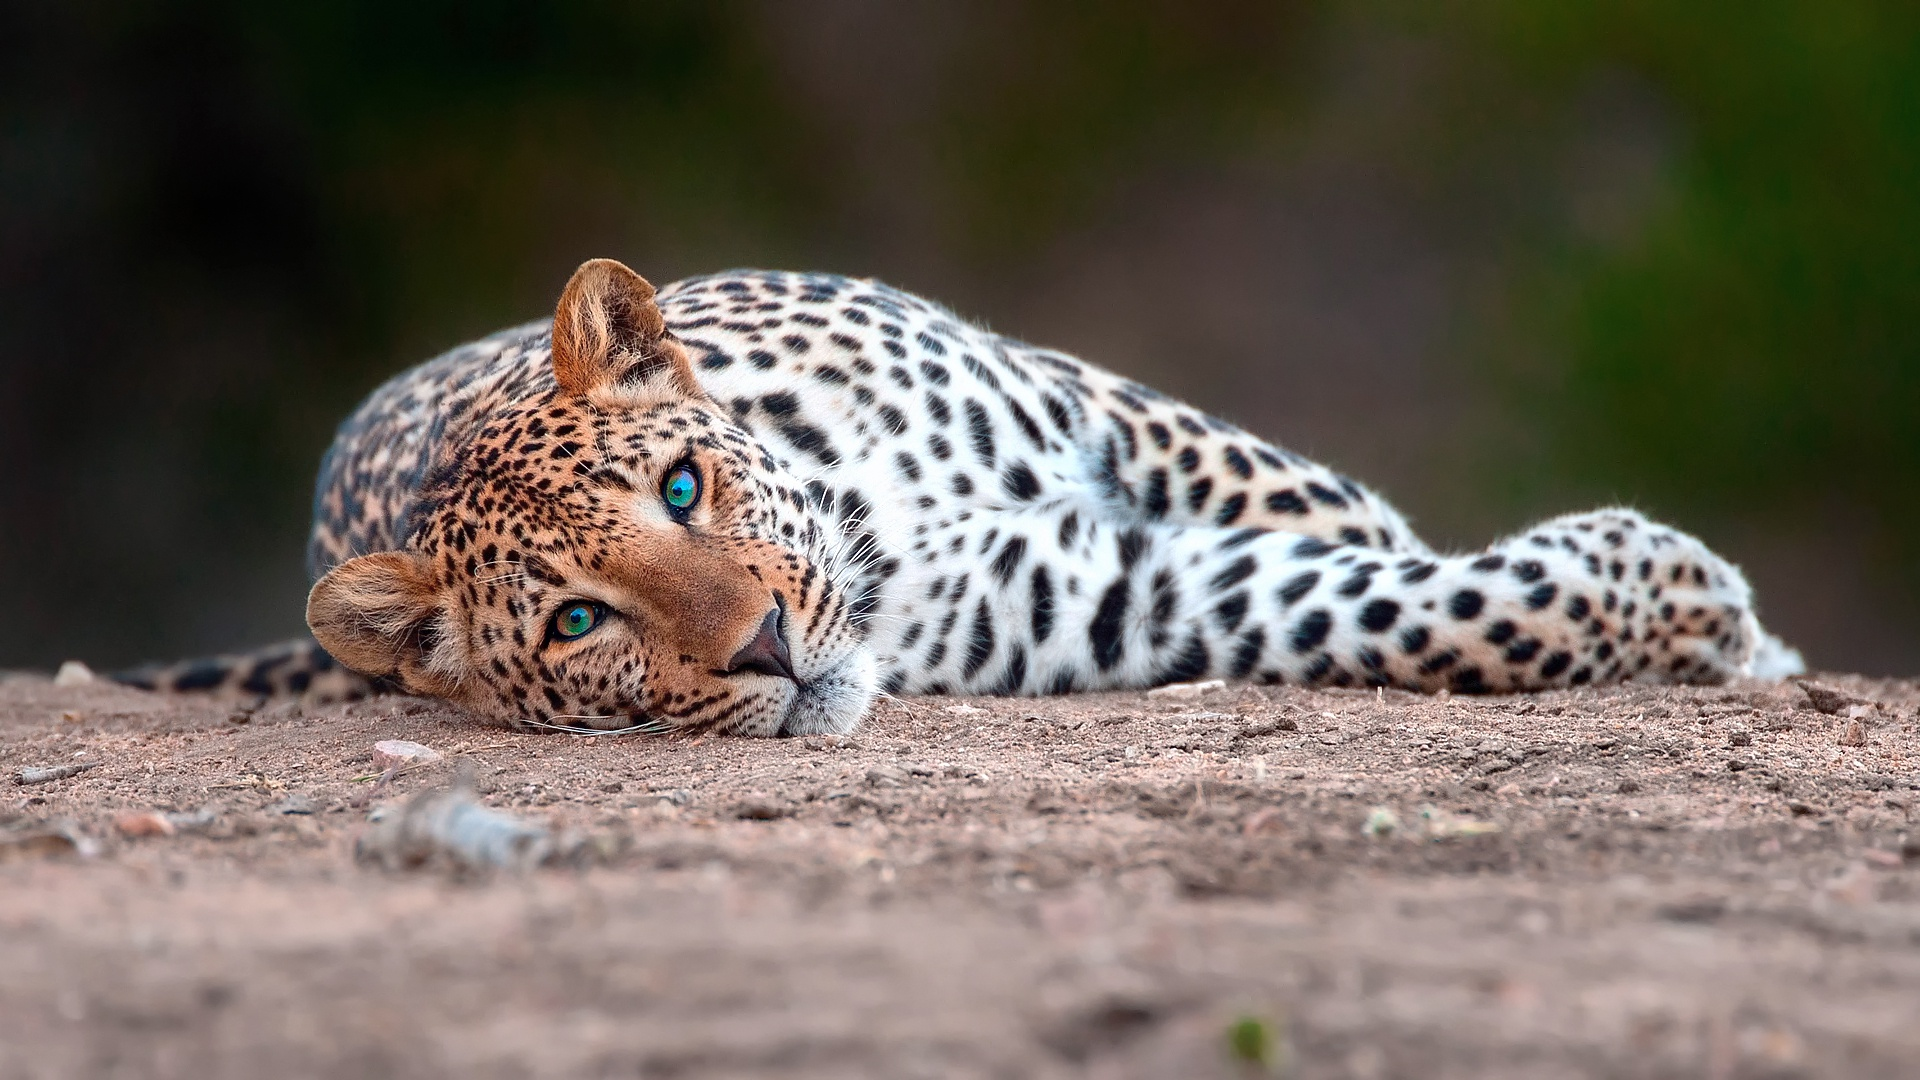 речь картинки гепарда и леопарда на рабочий стол амбросио модель